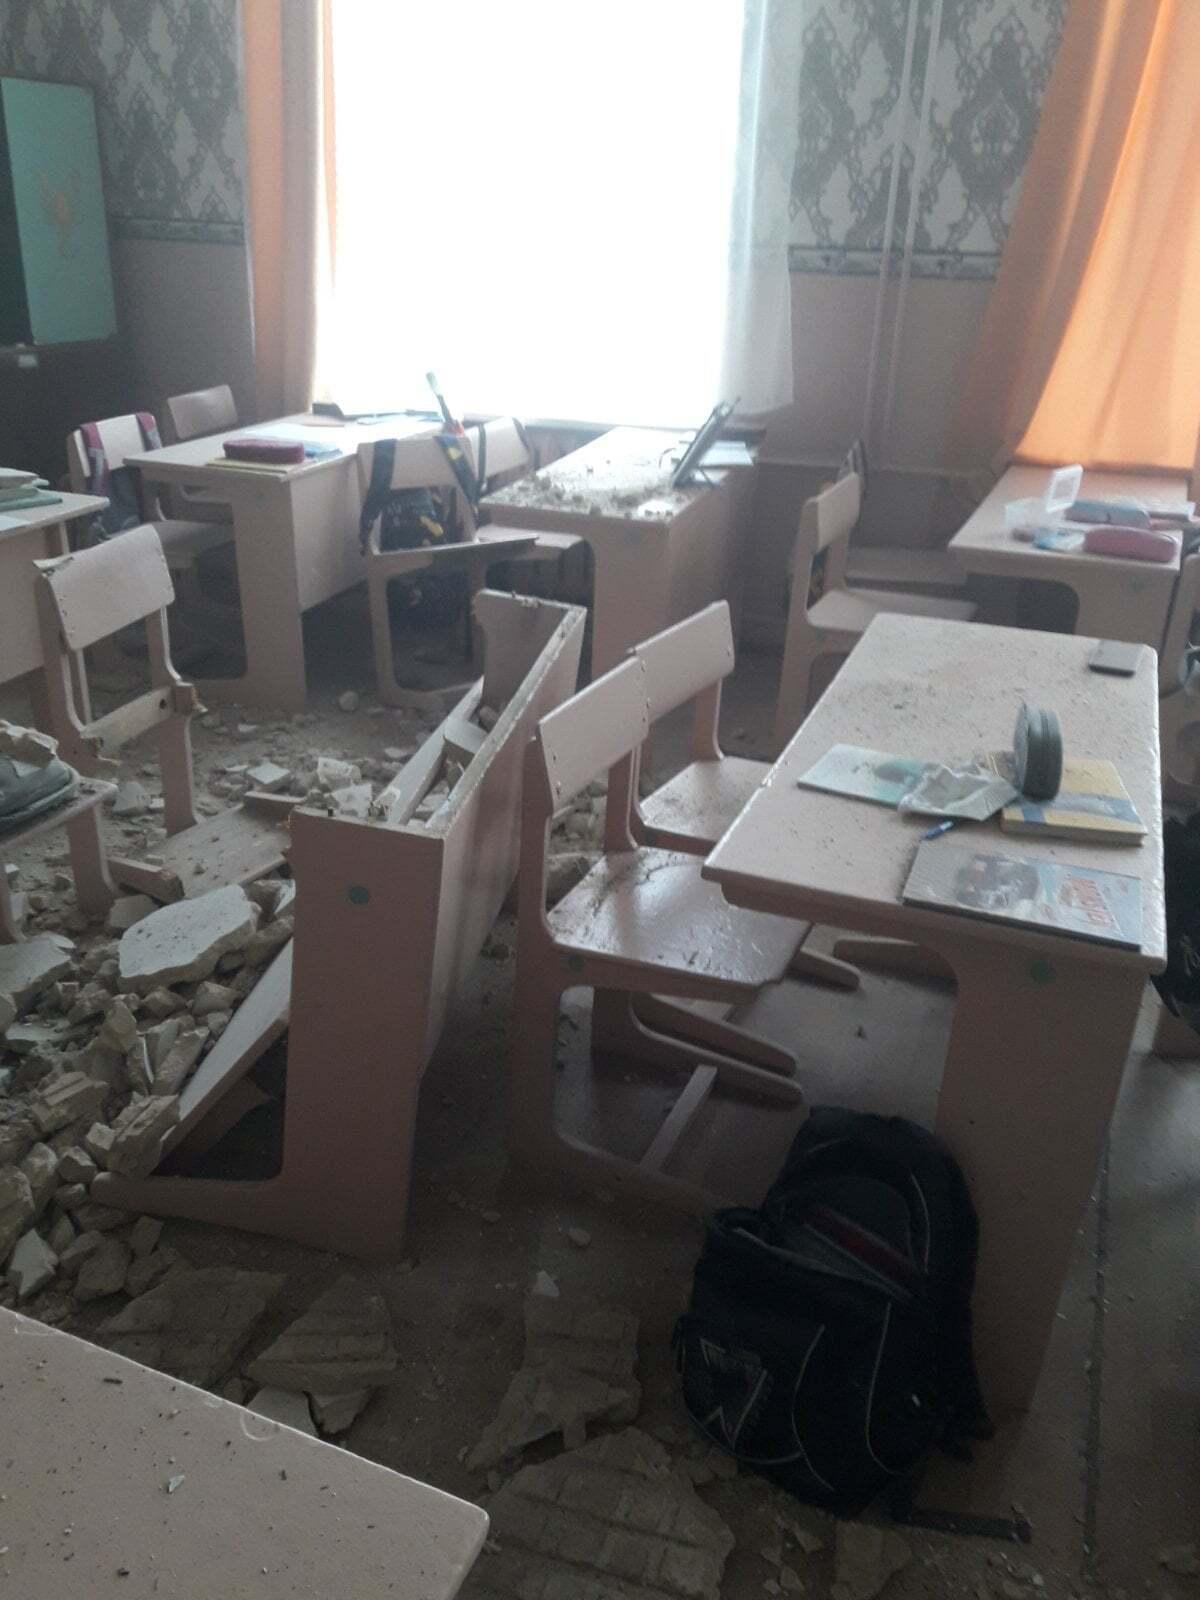 Администрация о проблеме с потолком отделу образования не сообщала